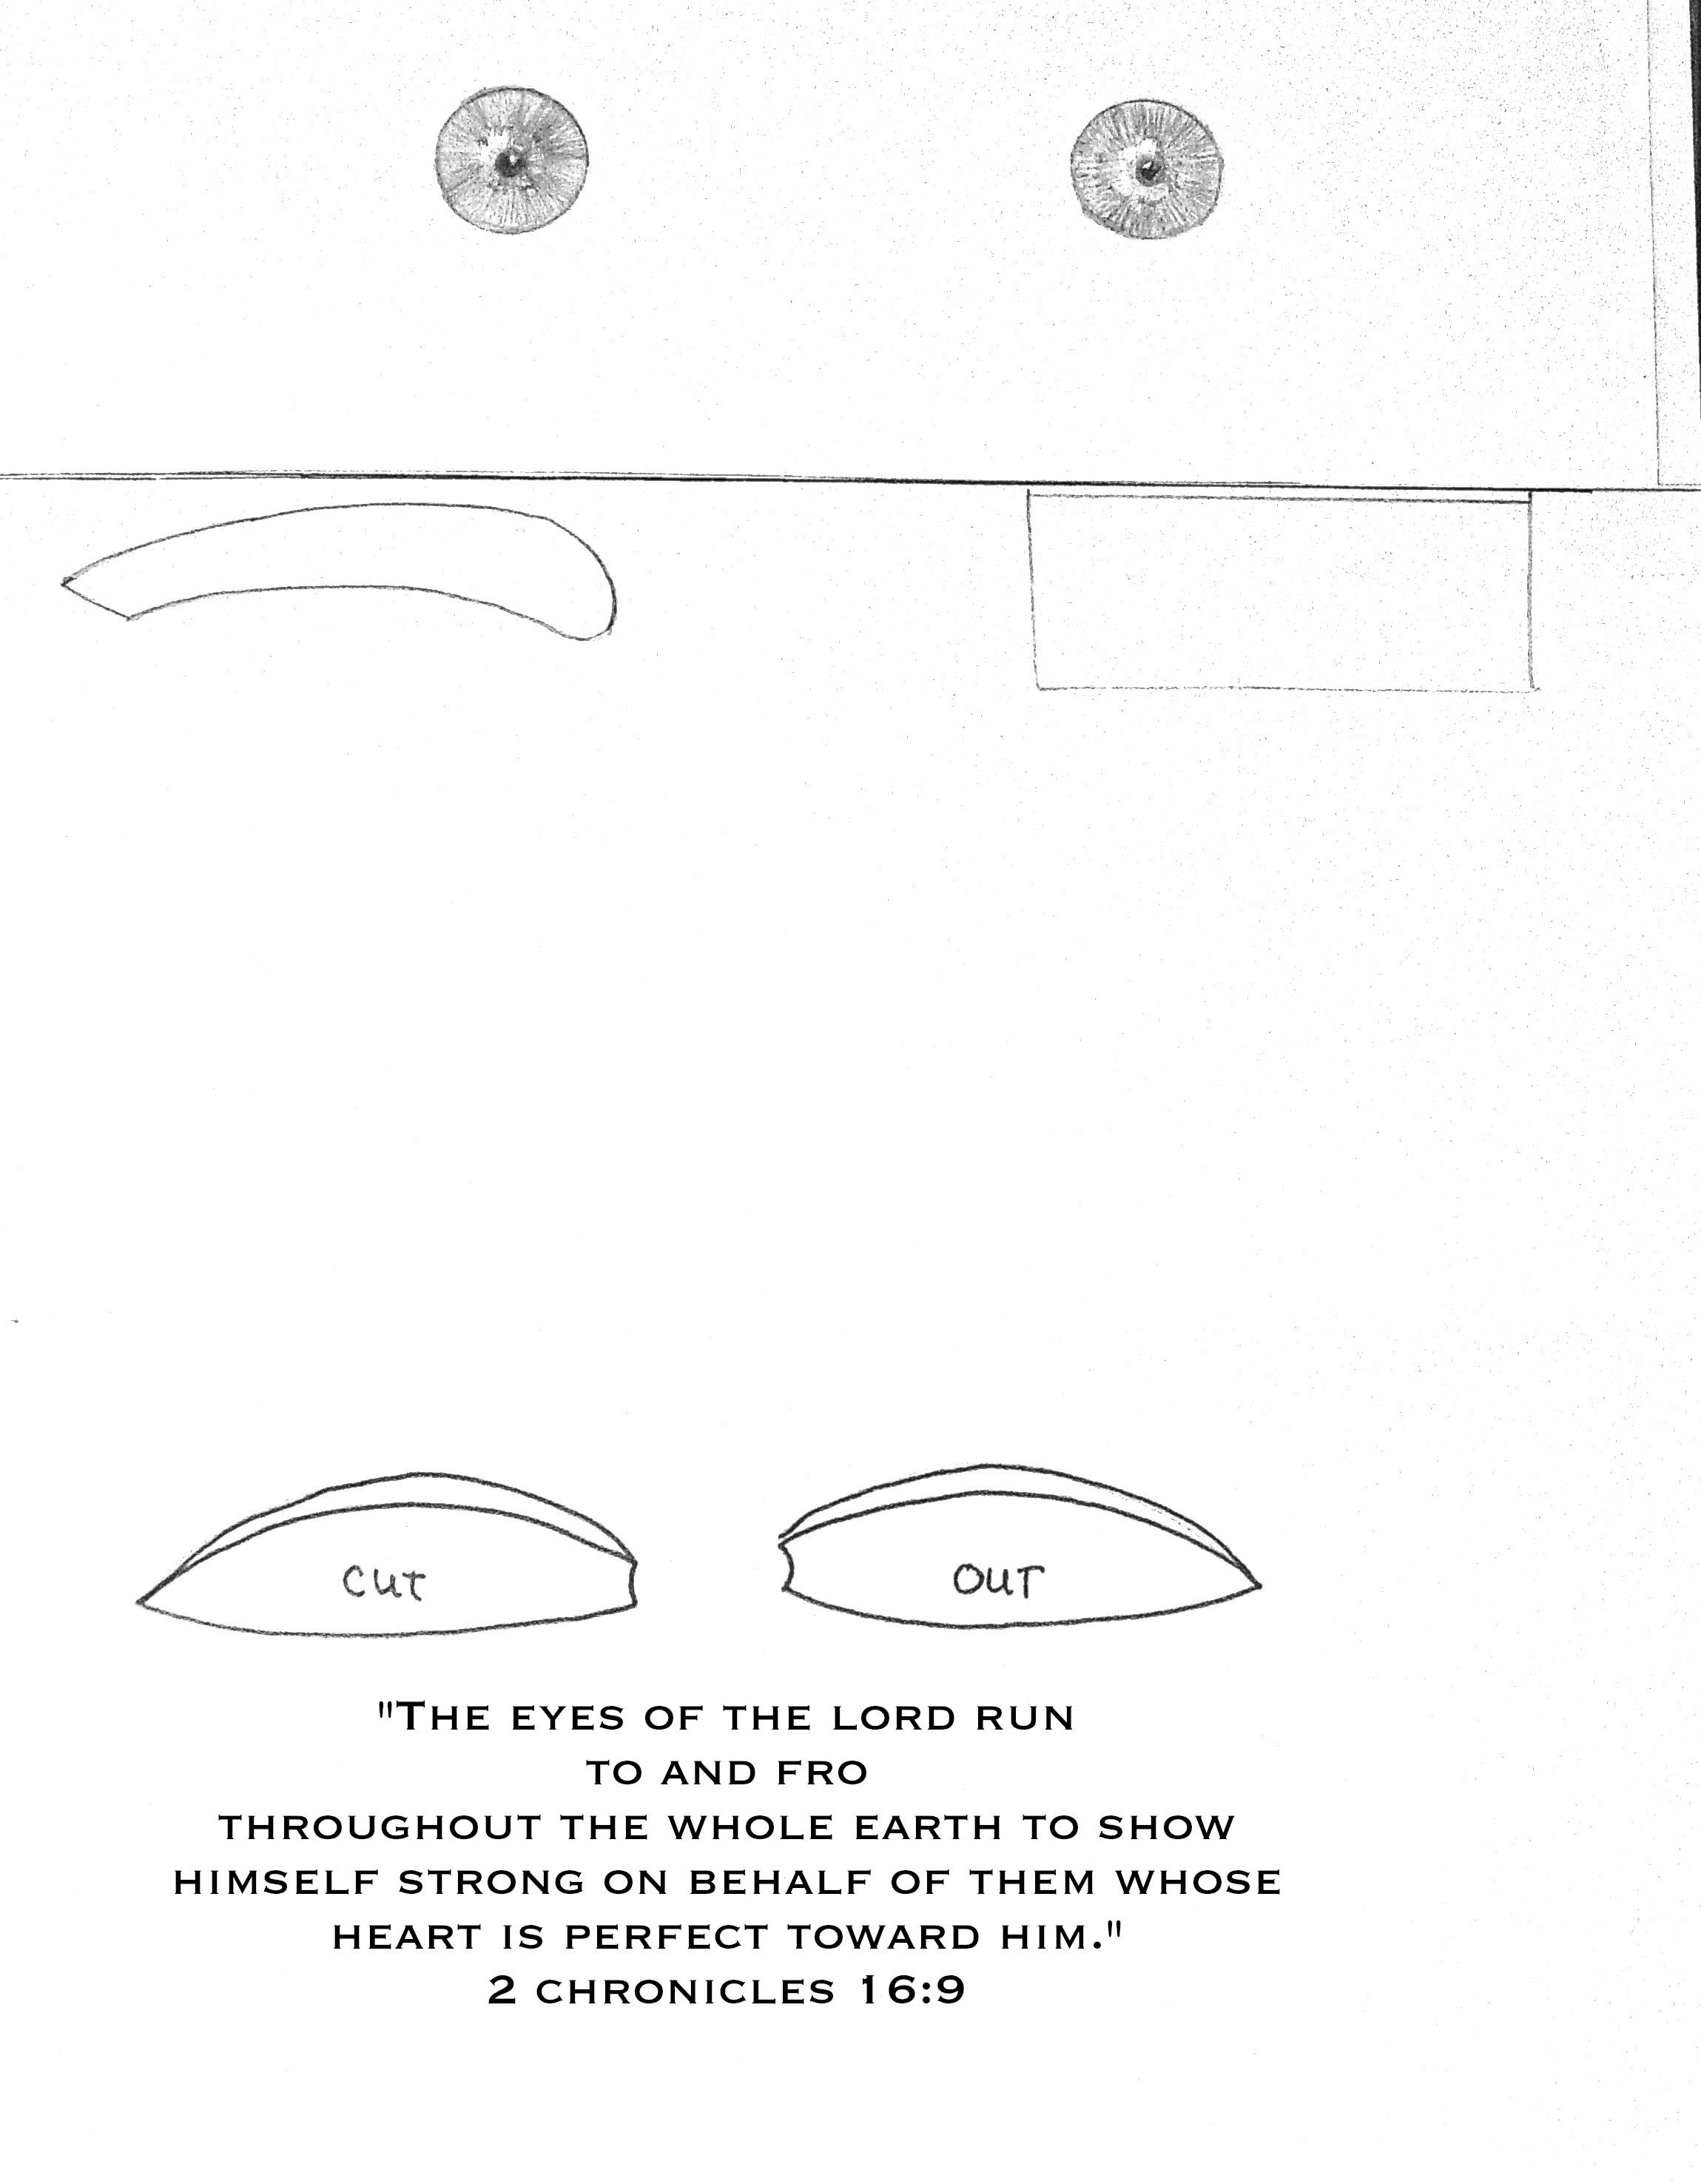 kindergarten sentence starters worksheets 1st grade writing sentences worksheets free. Black Bedroom Furniture Sets. Home Design Ideas